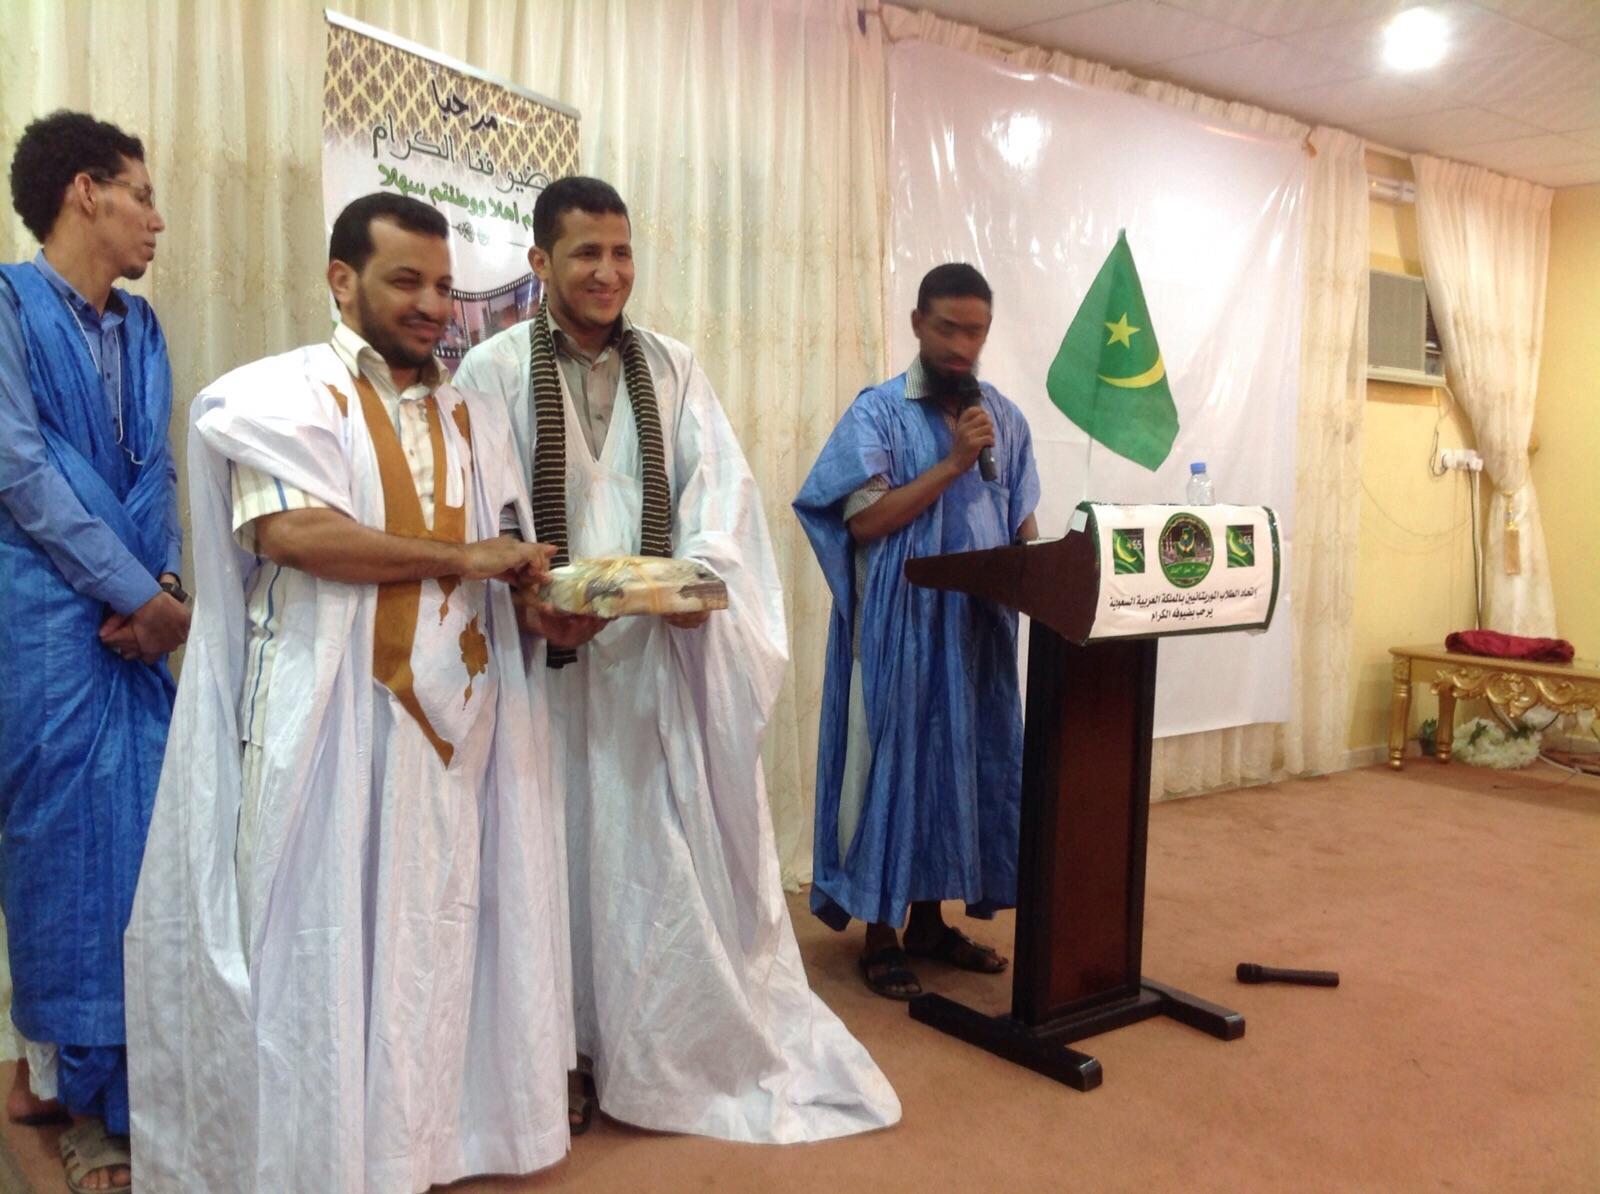 صورة من تسليم الجوائز